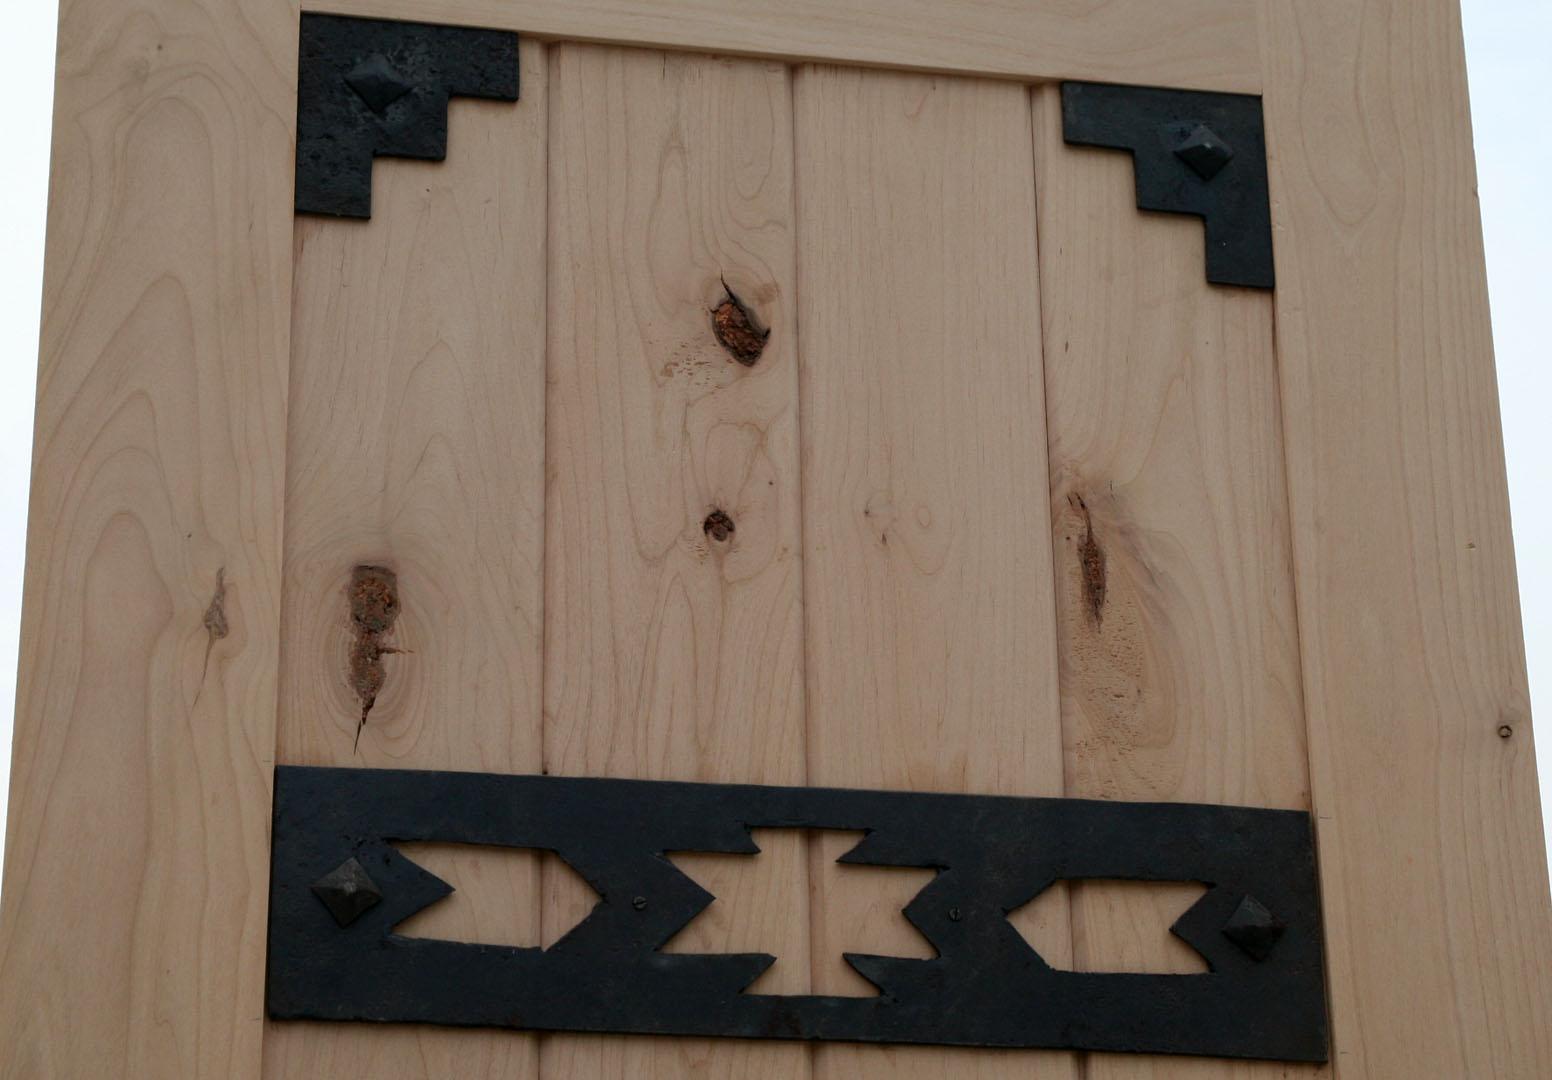 1080 #2E789D Rustic Exterior Doors Closeout Rustic Exterior Wood Door Alder save image Exterior Doors Clearance 38571552